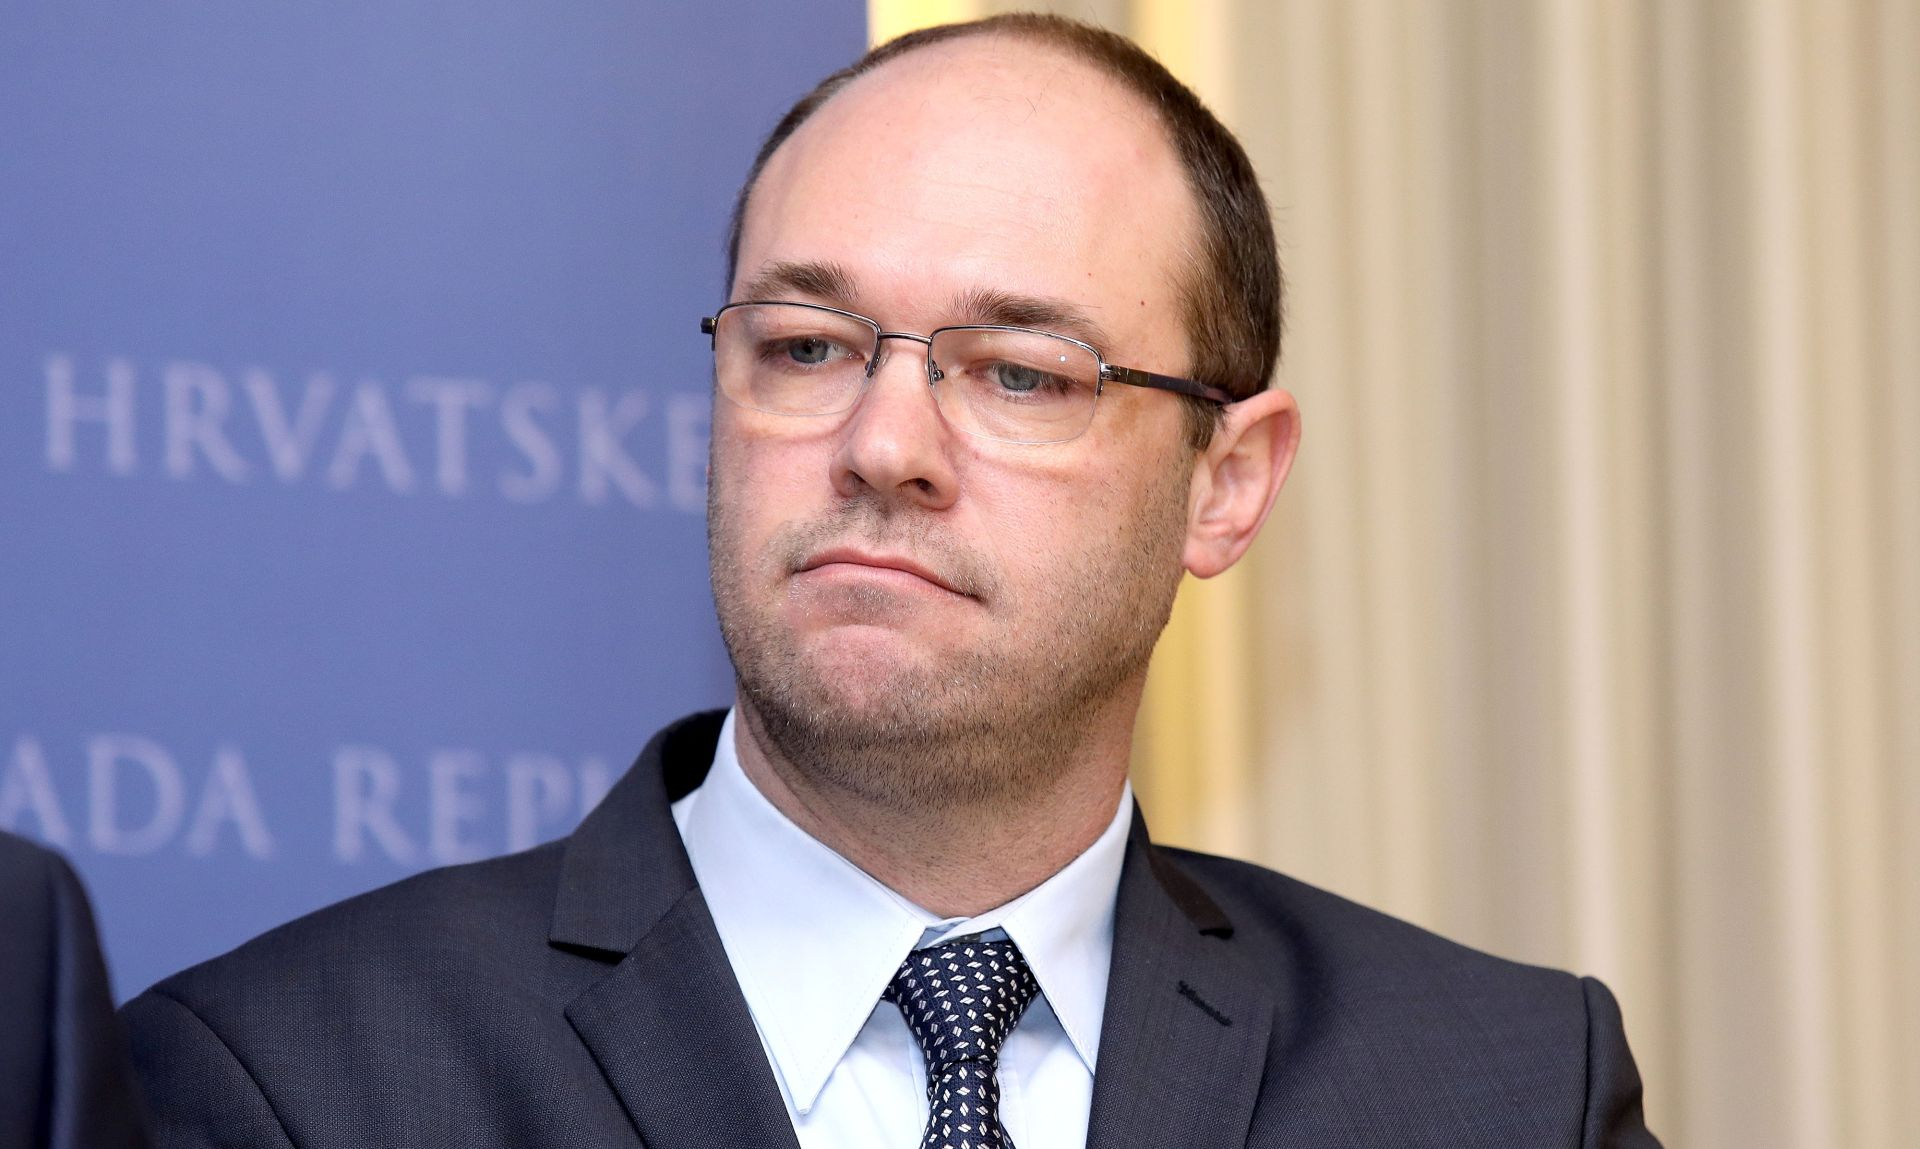 Stier razgovarao s danskim kolegom Samuelsenom o stanju na istoku Europe i bilaterlanim odnosima